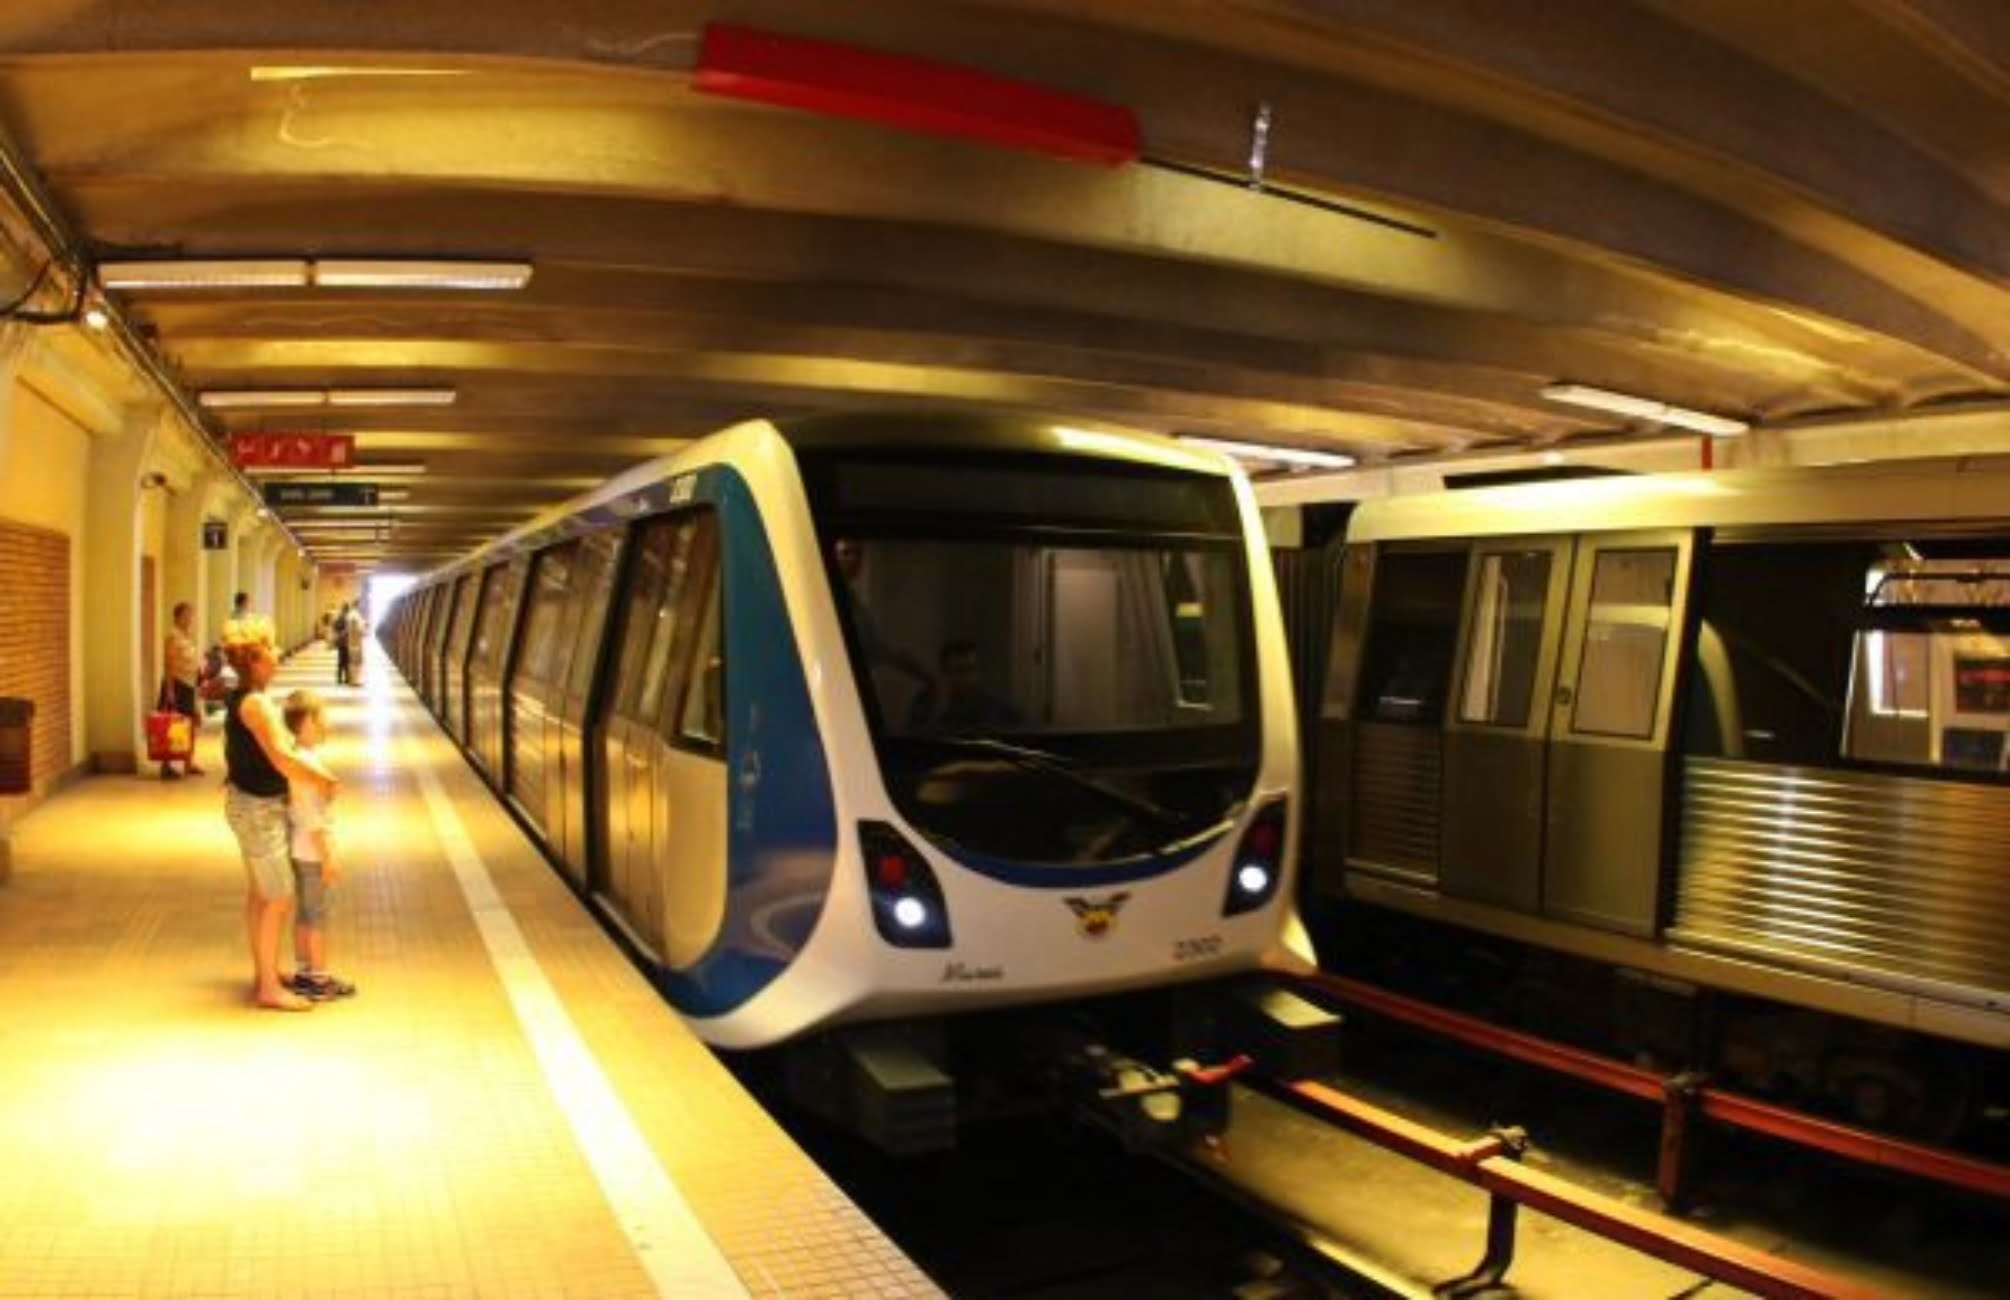 călătoria cu metroul